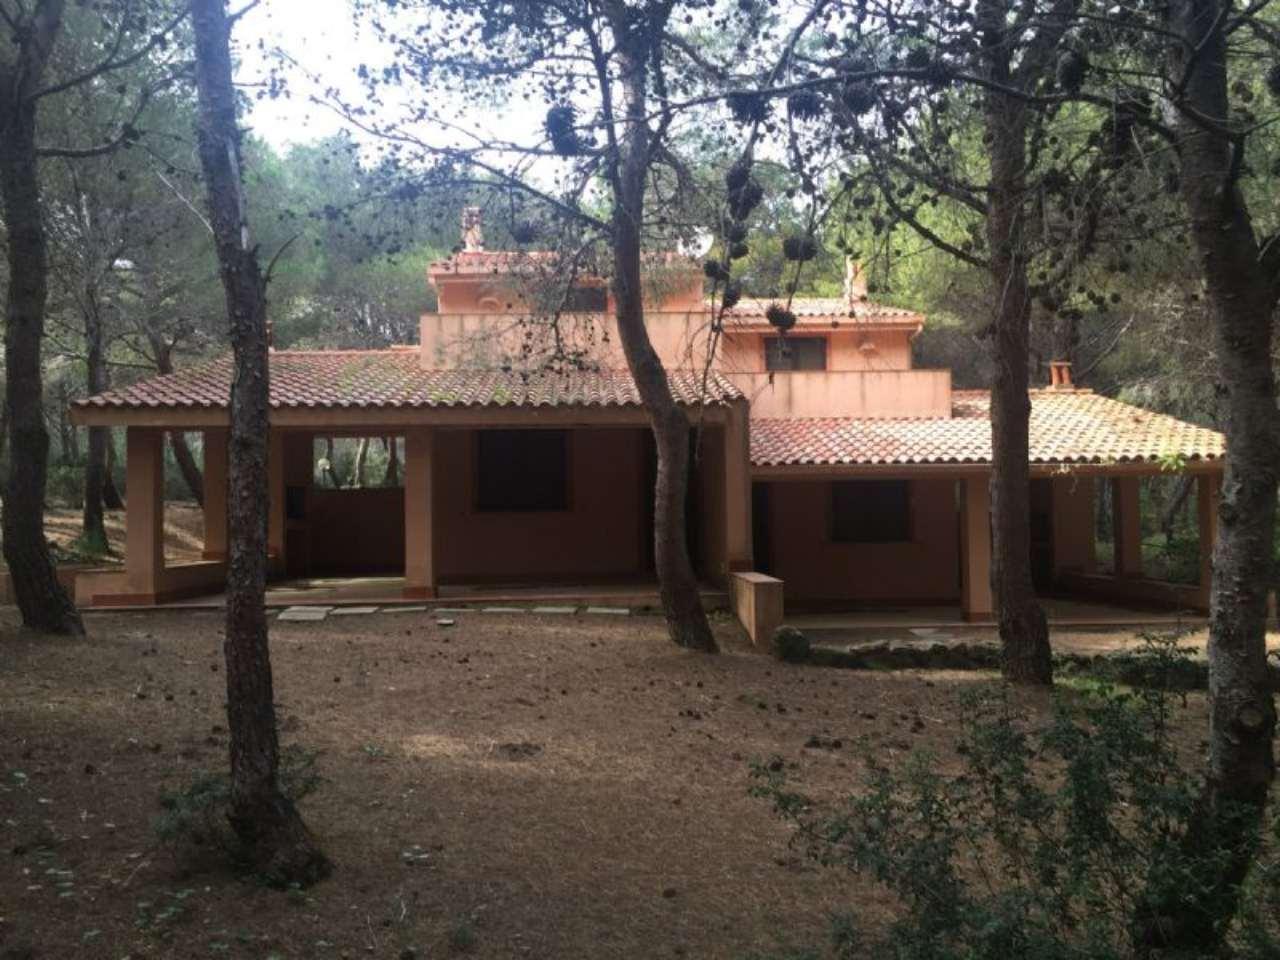 Appartamento in vendita a Sant'Antioco, 2 locali, prezzo € 48.000 | CambioCasa.it